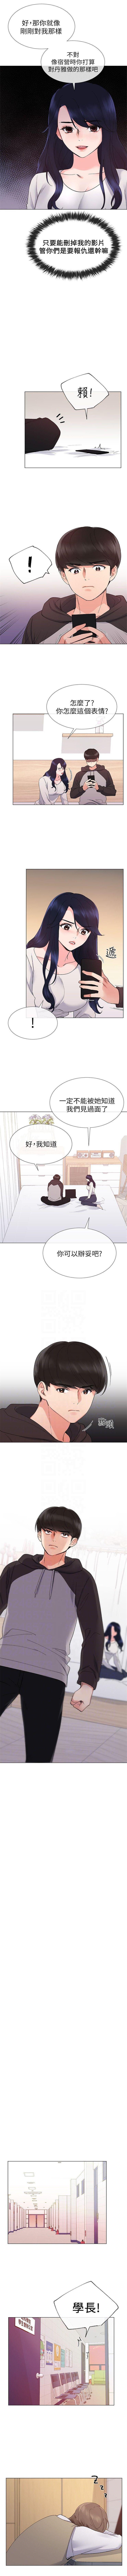 (週5)重考生 1-52 中文翻譯(更新中) 145